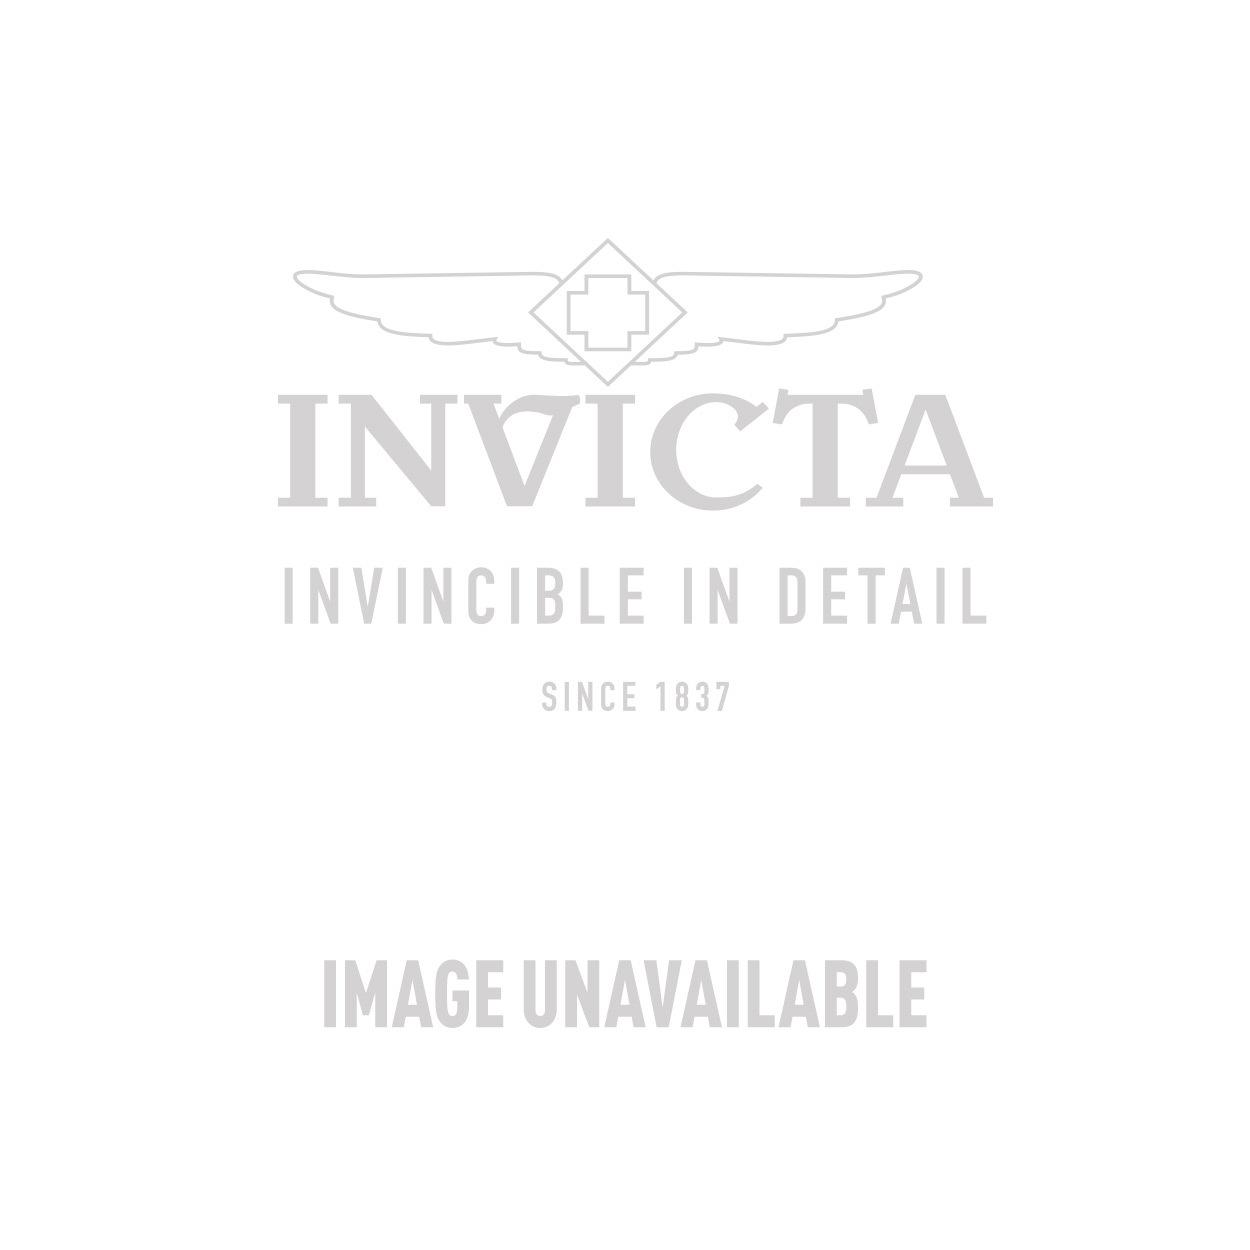 Invicta Model  25673